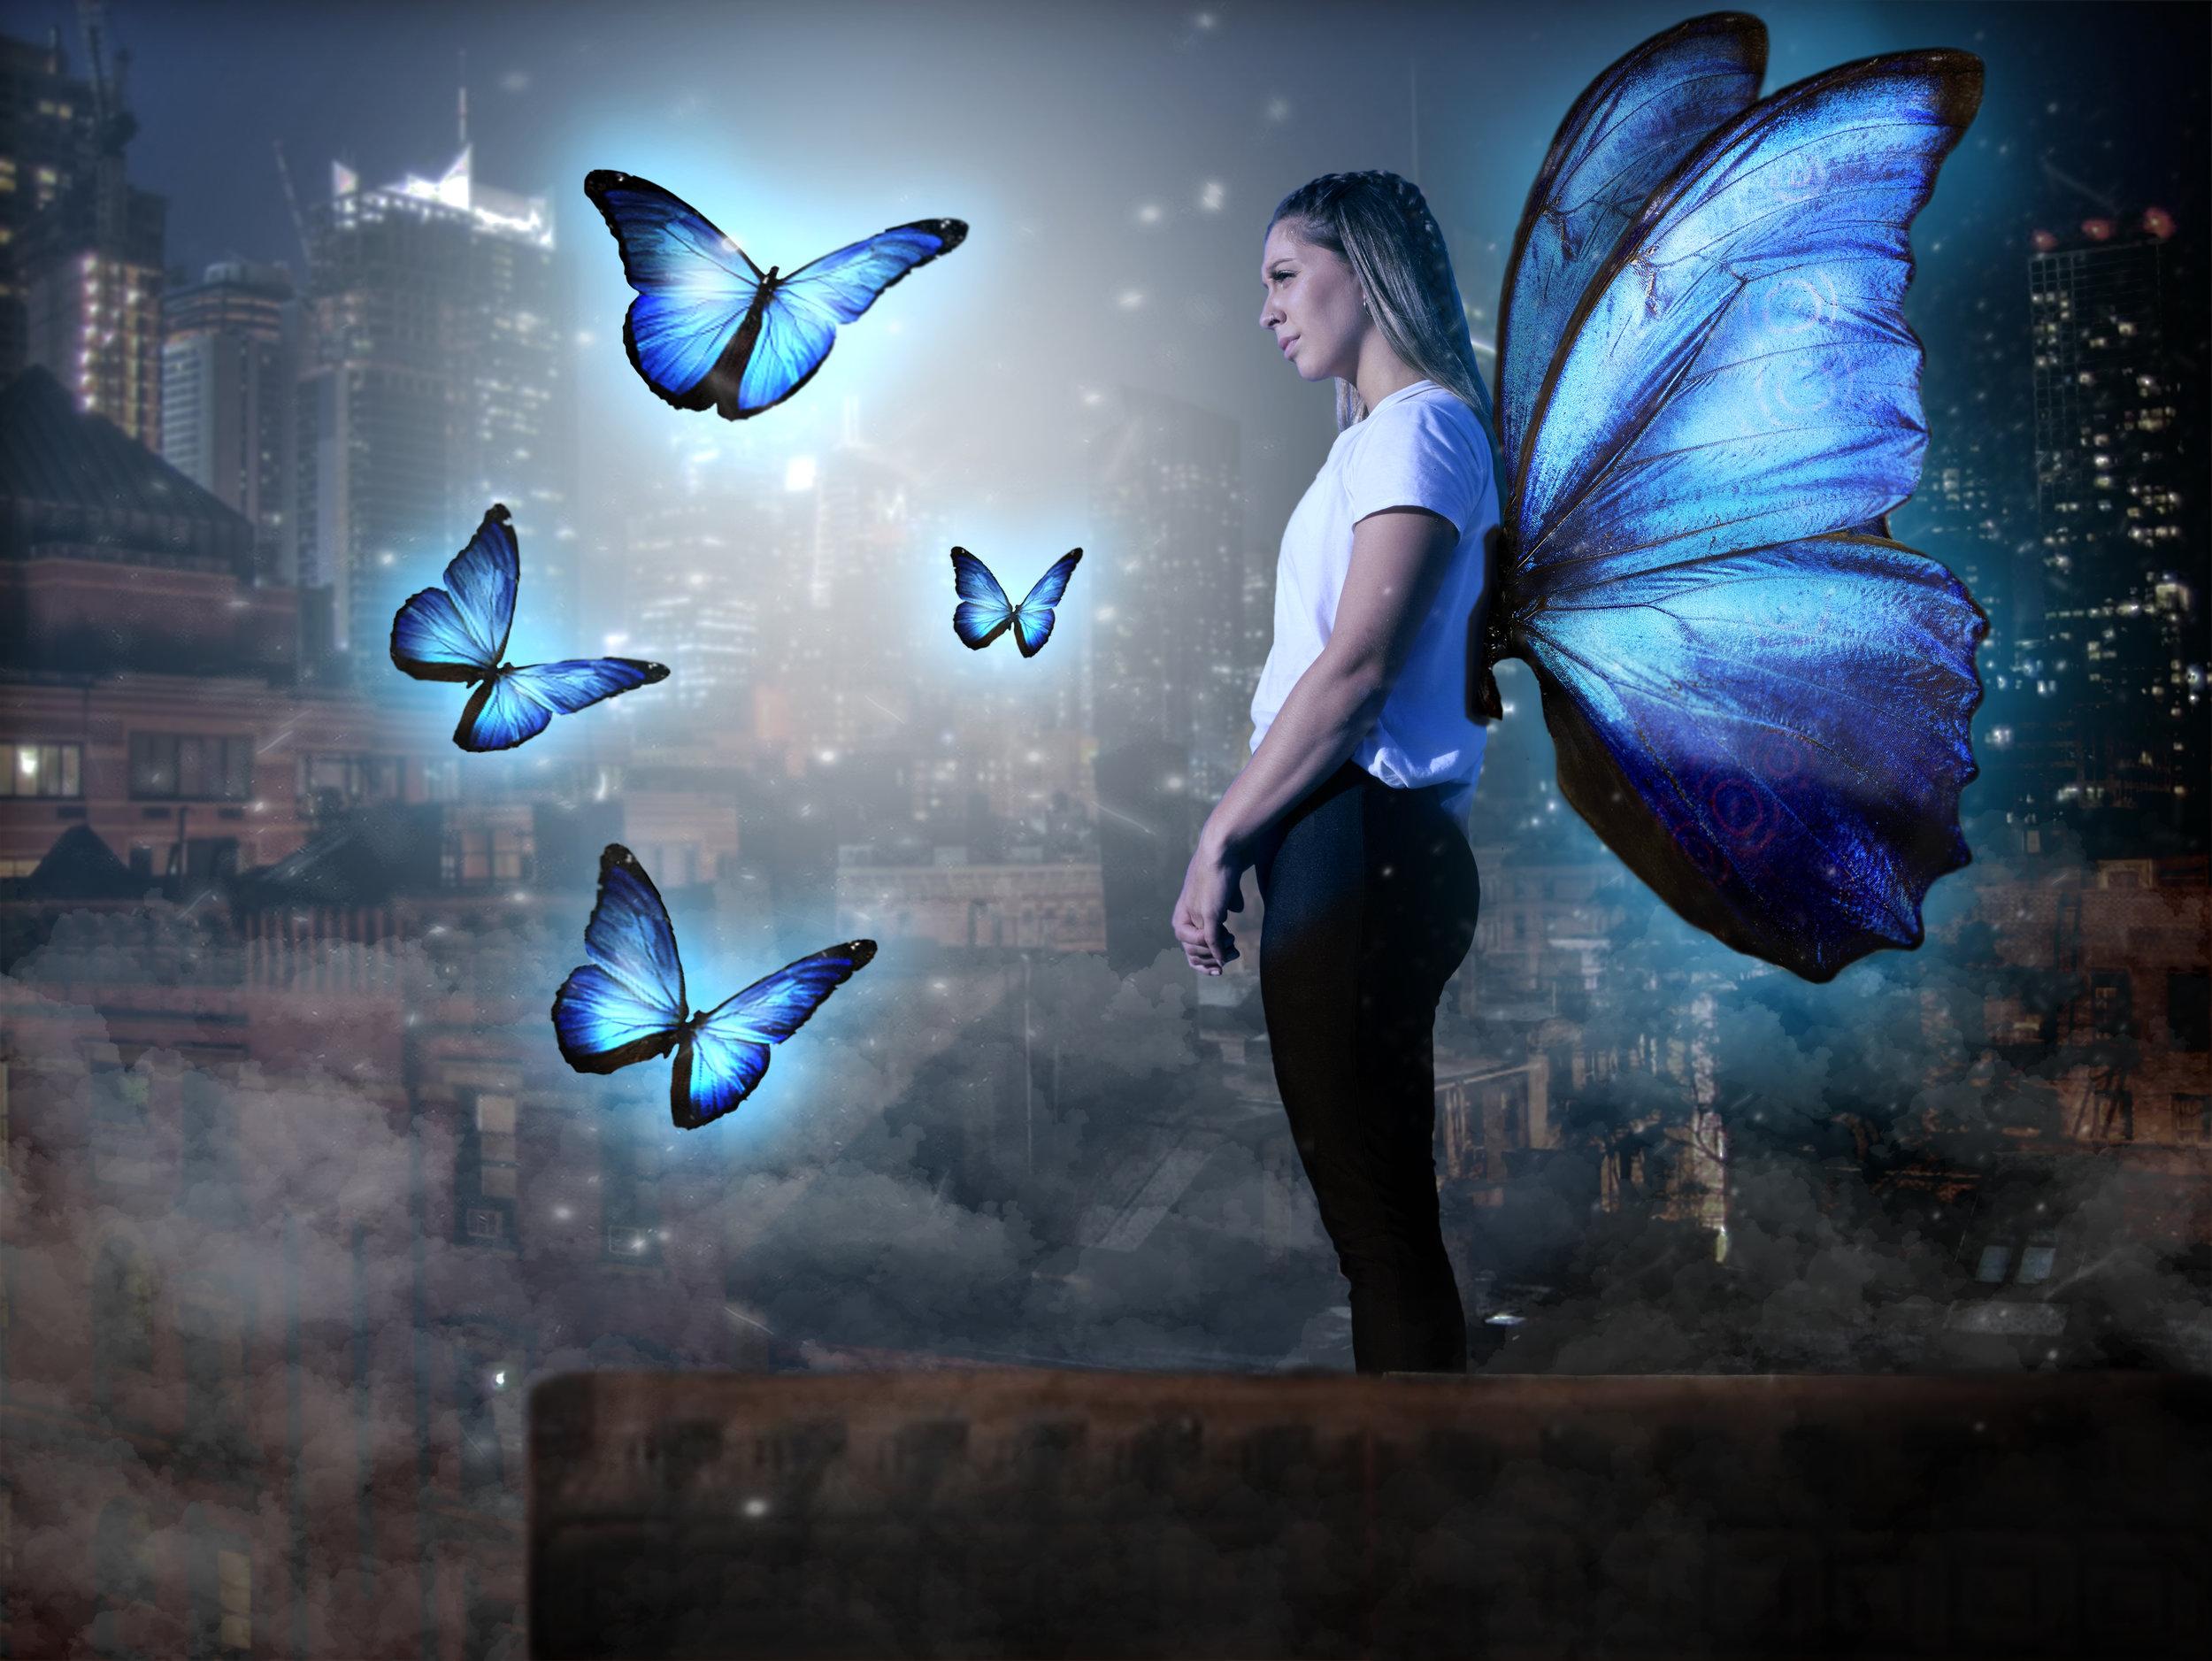 QUEEN OF THE NIGHT - La reina de las mariposas por las noches.